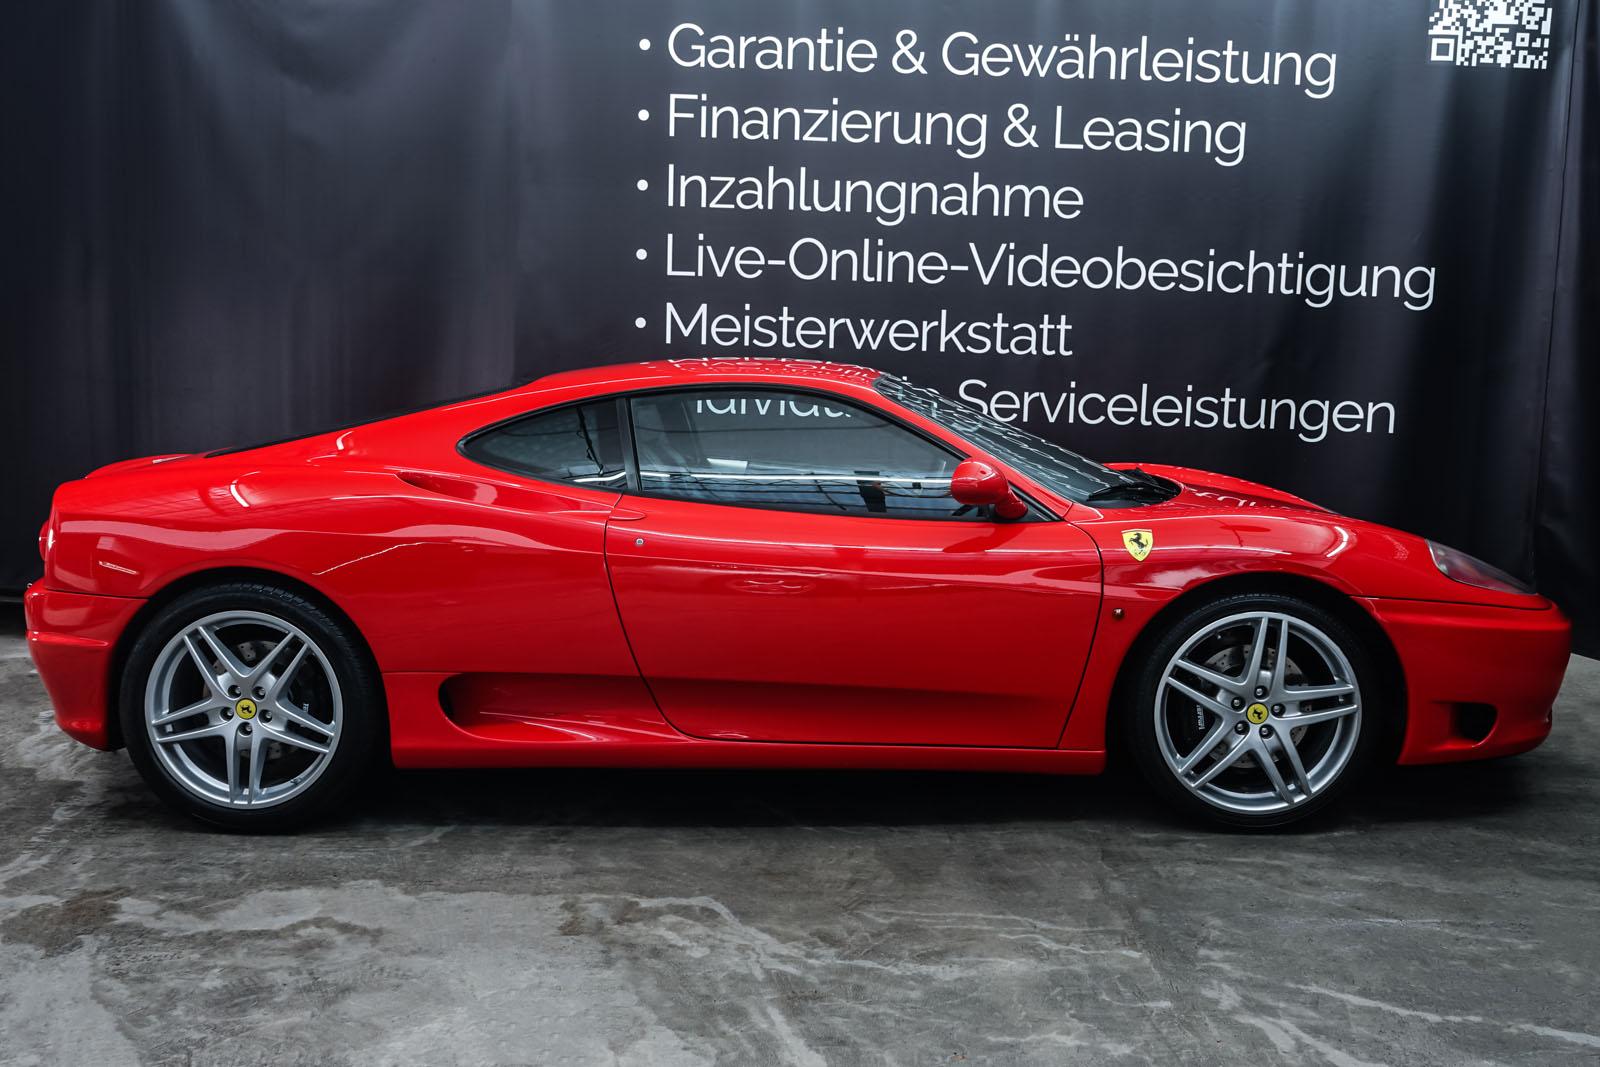 Ferrari_360_Modena_Rot_Schwarz_FER-4576_16_w